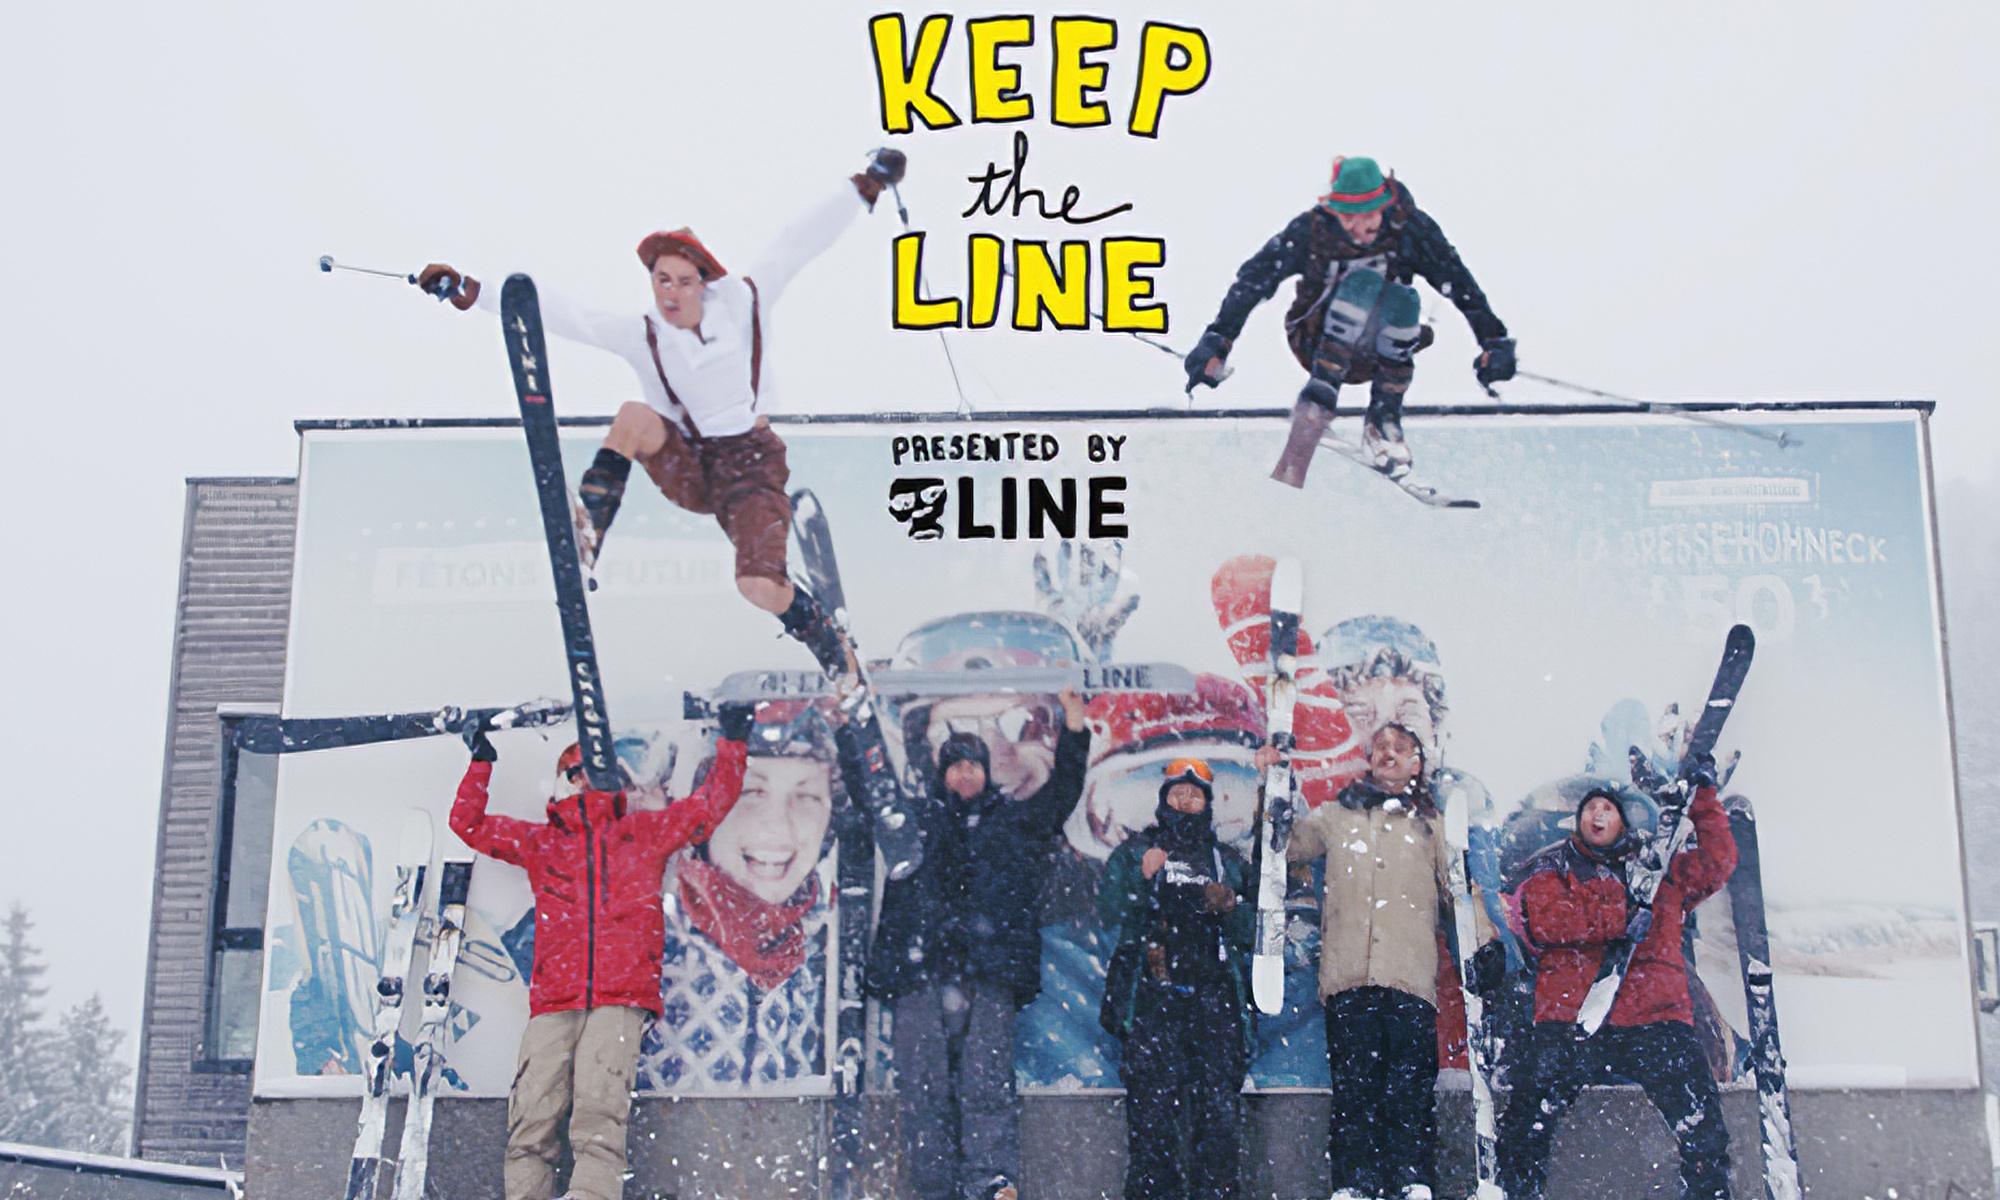 Keep the line